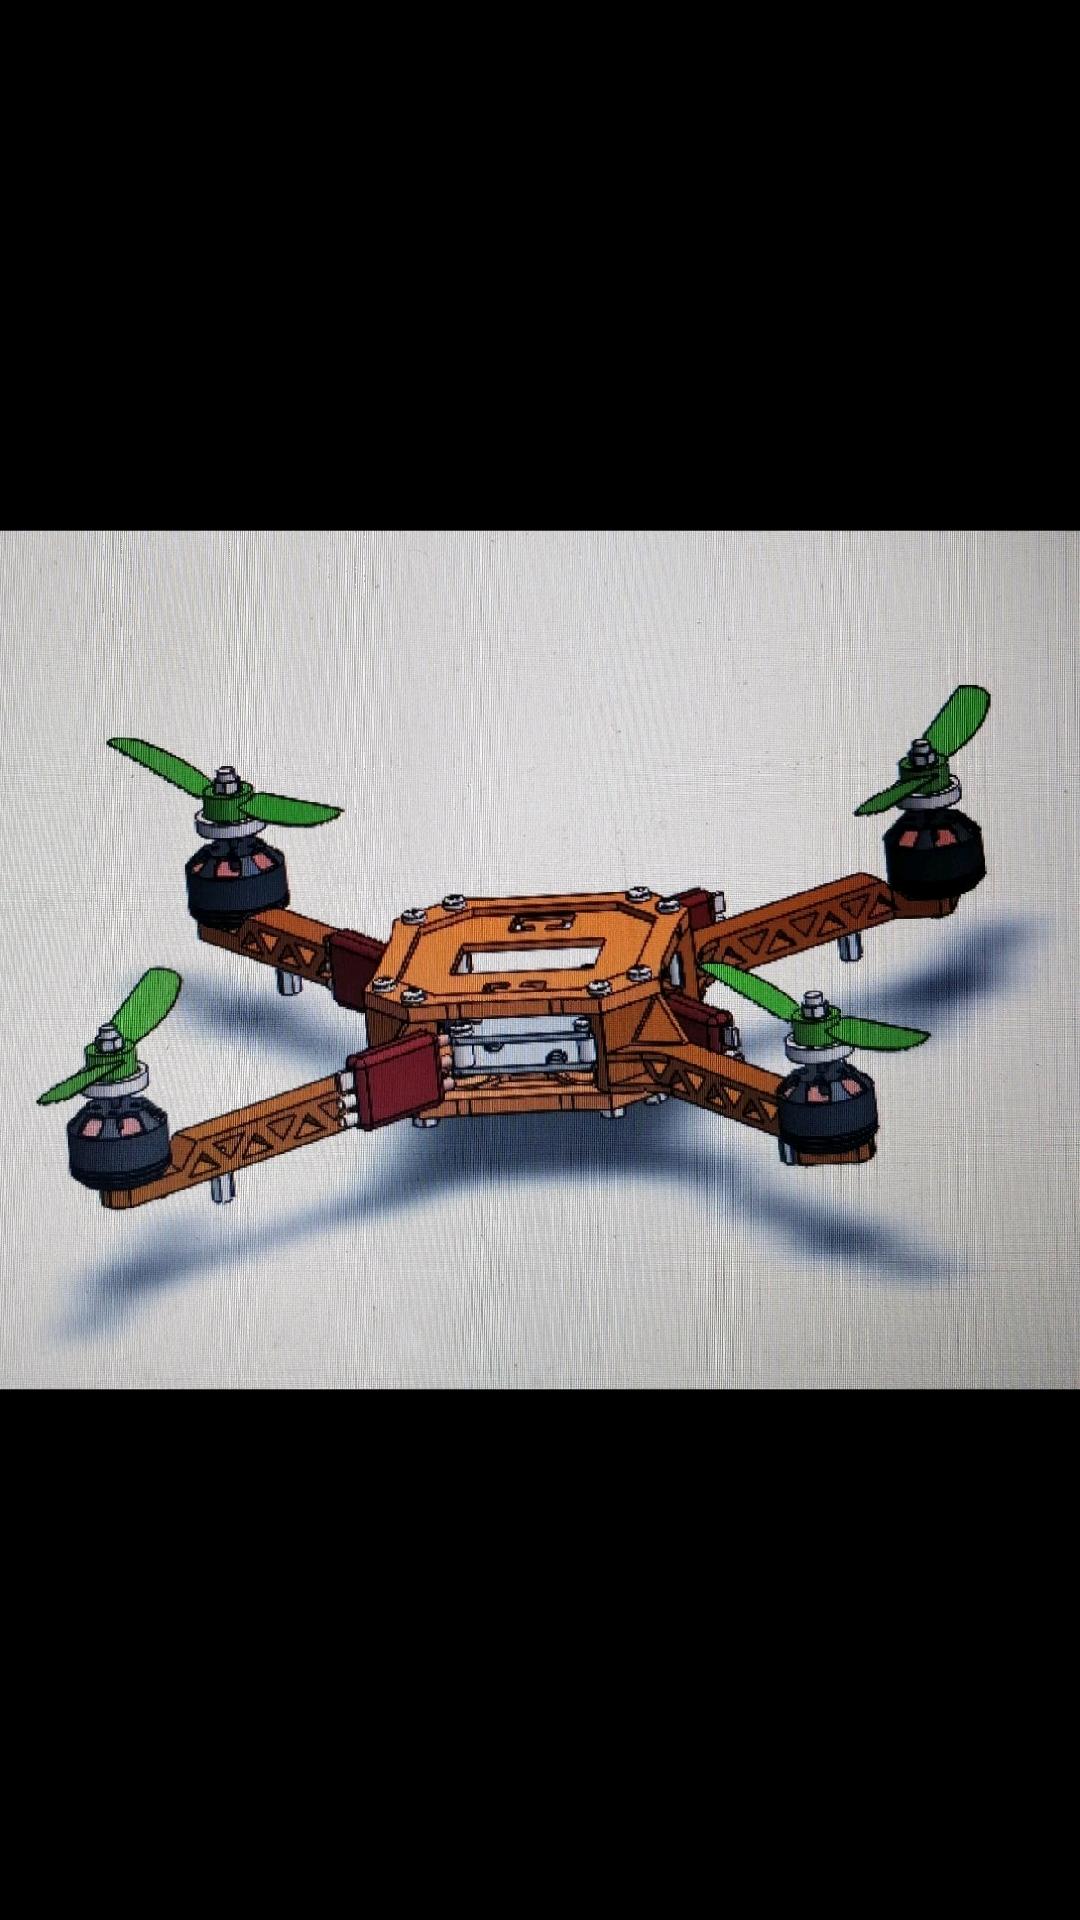 Solidworks Quadcopter Design